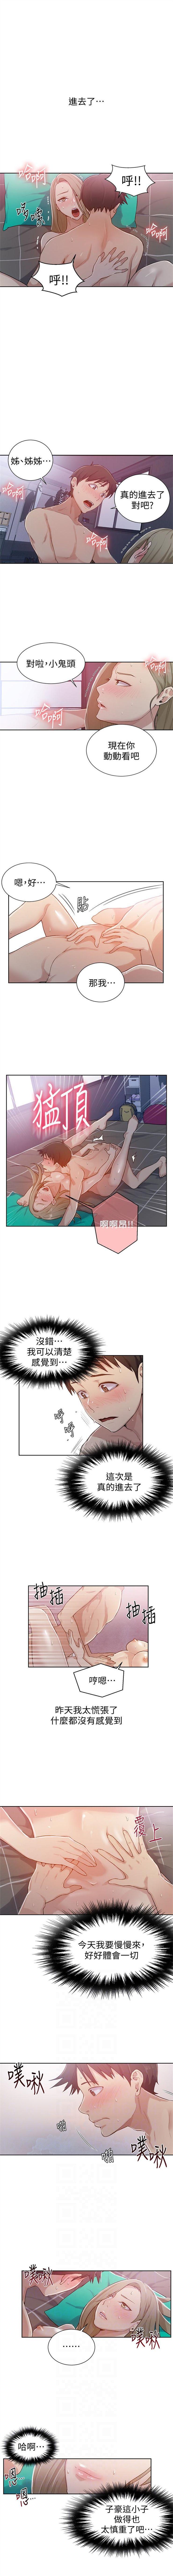 秘密教學  1-55 官方中文(連載中) 89